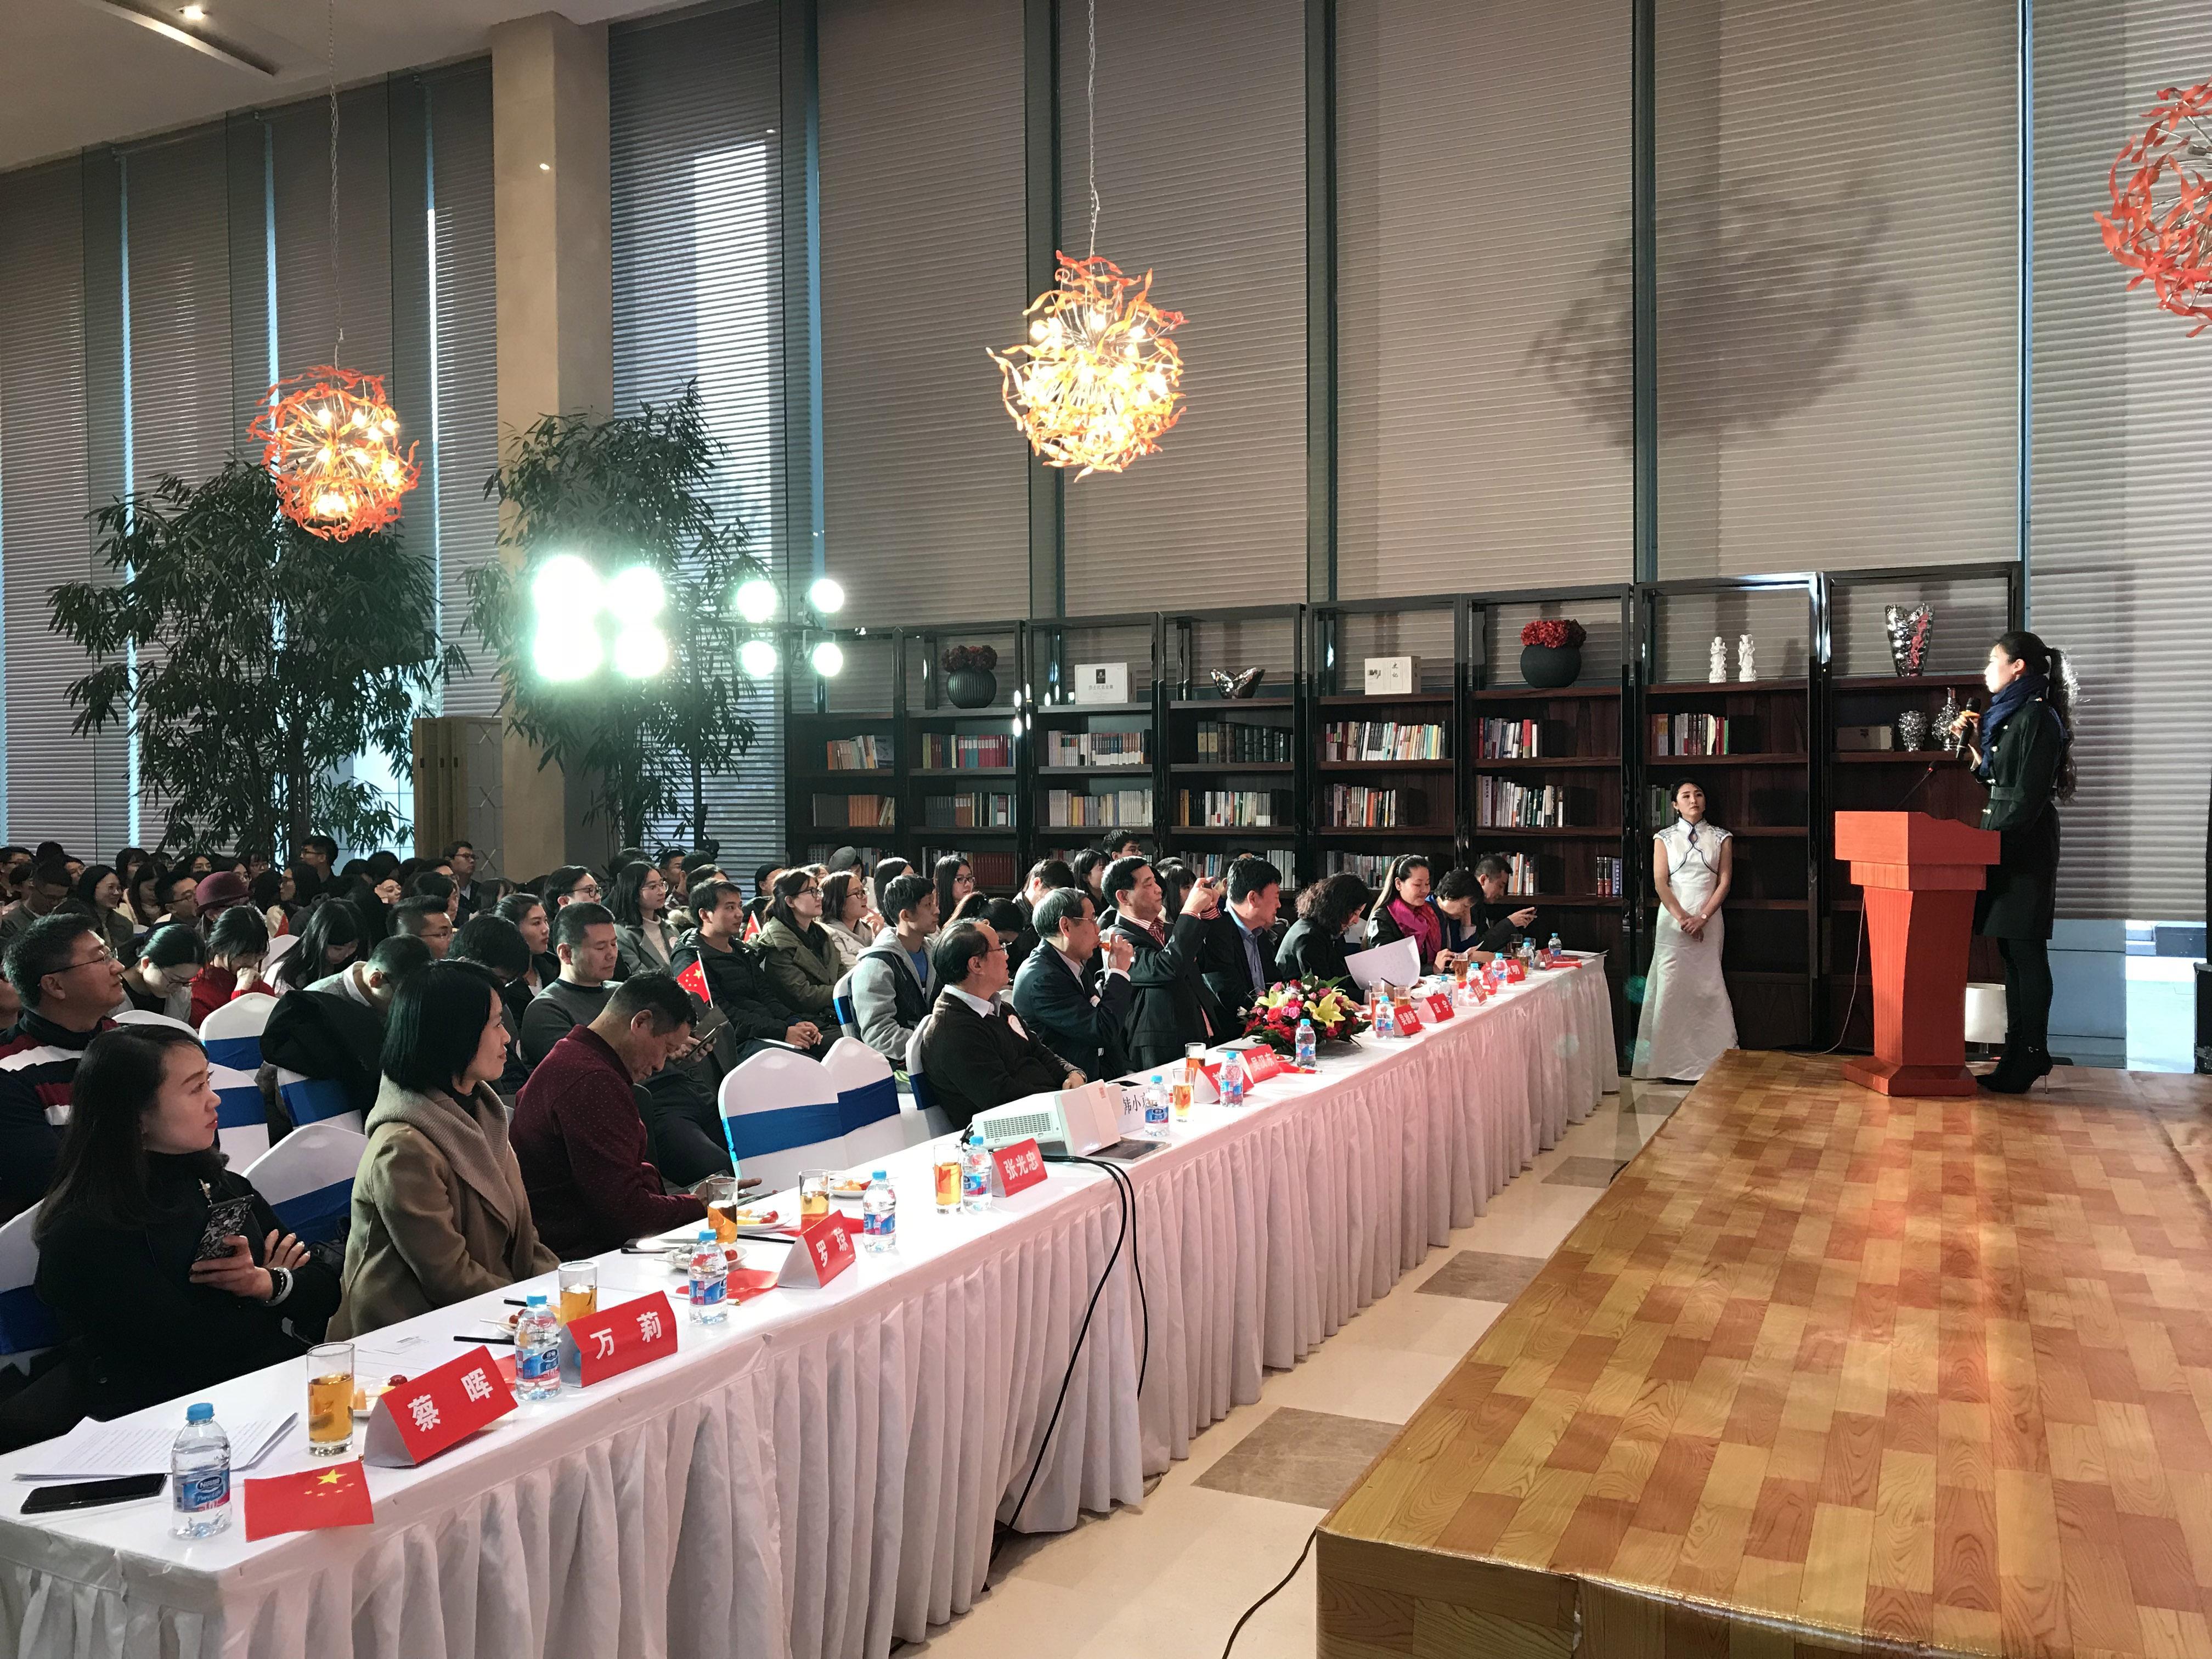 福熙迎群贤,深情寄中南 -2017中南大北京校友会第100期